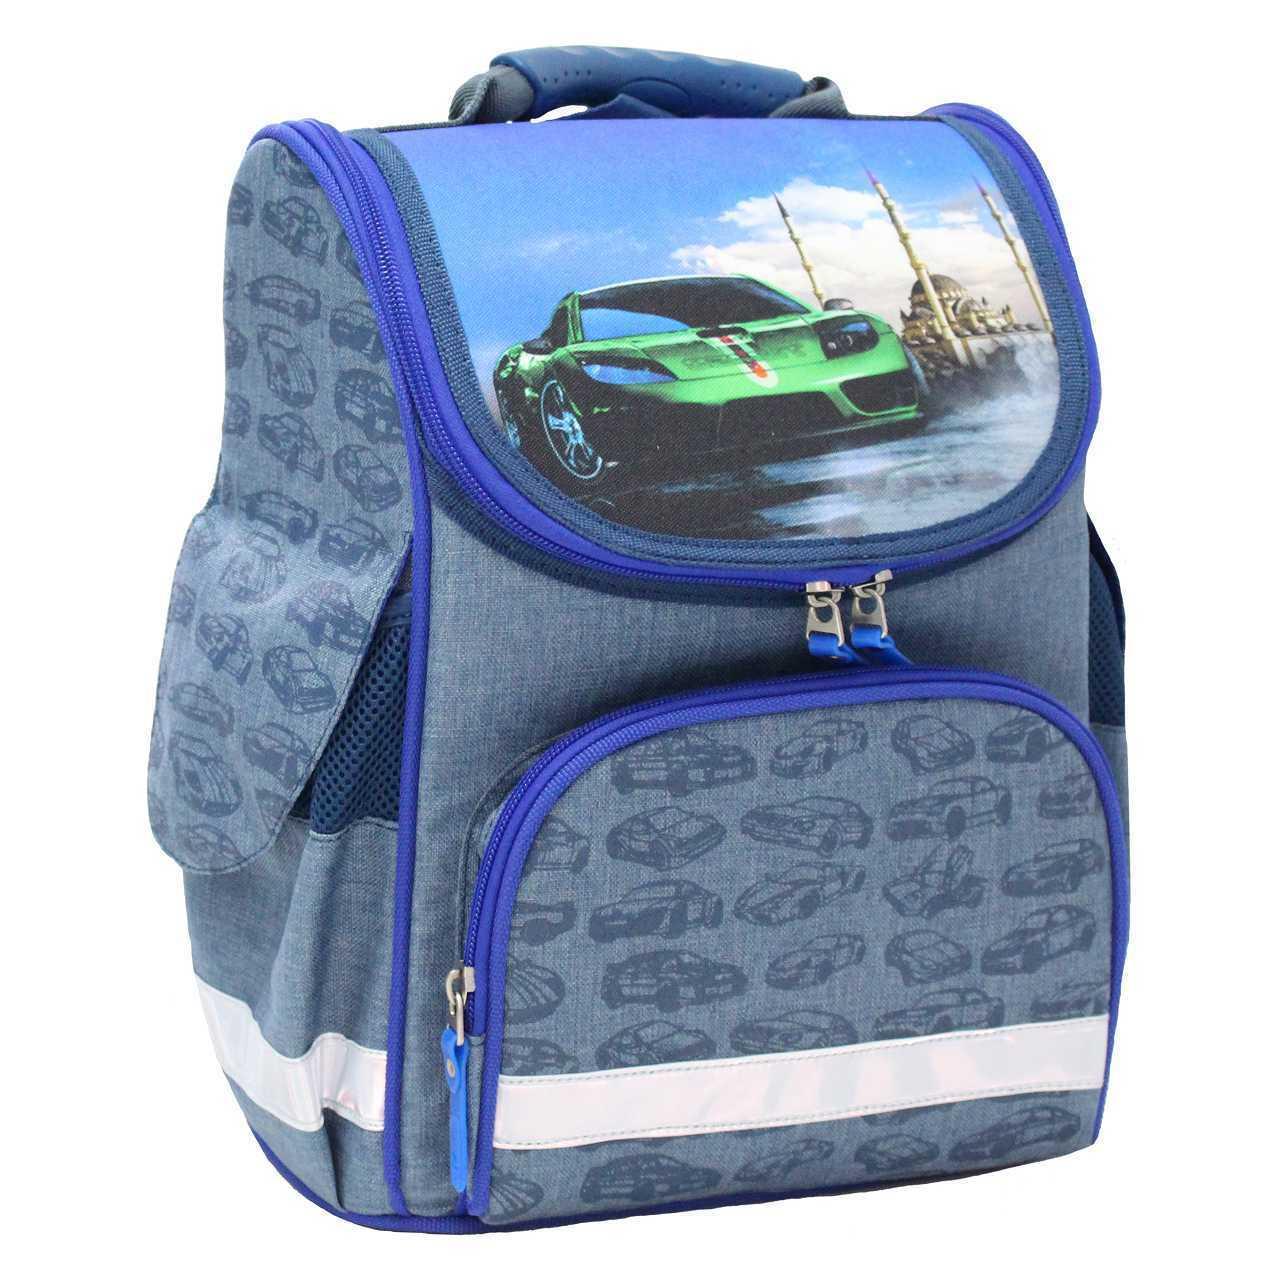 Школьные рюкзаки Рюкзак школьный каркасный Bagland Успех 12 л. 225 синiй 58 м (00551692) IMG_4692.jpg